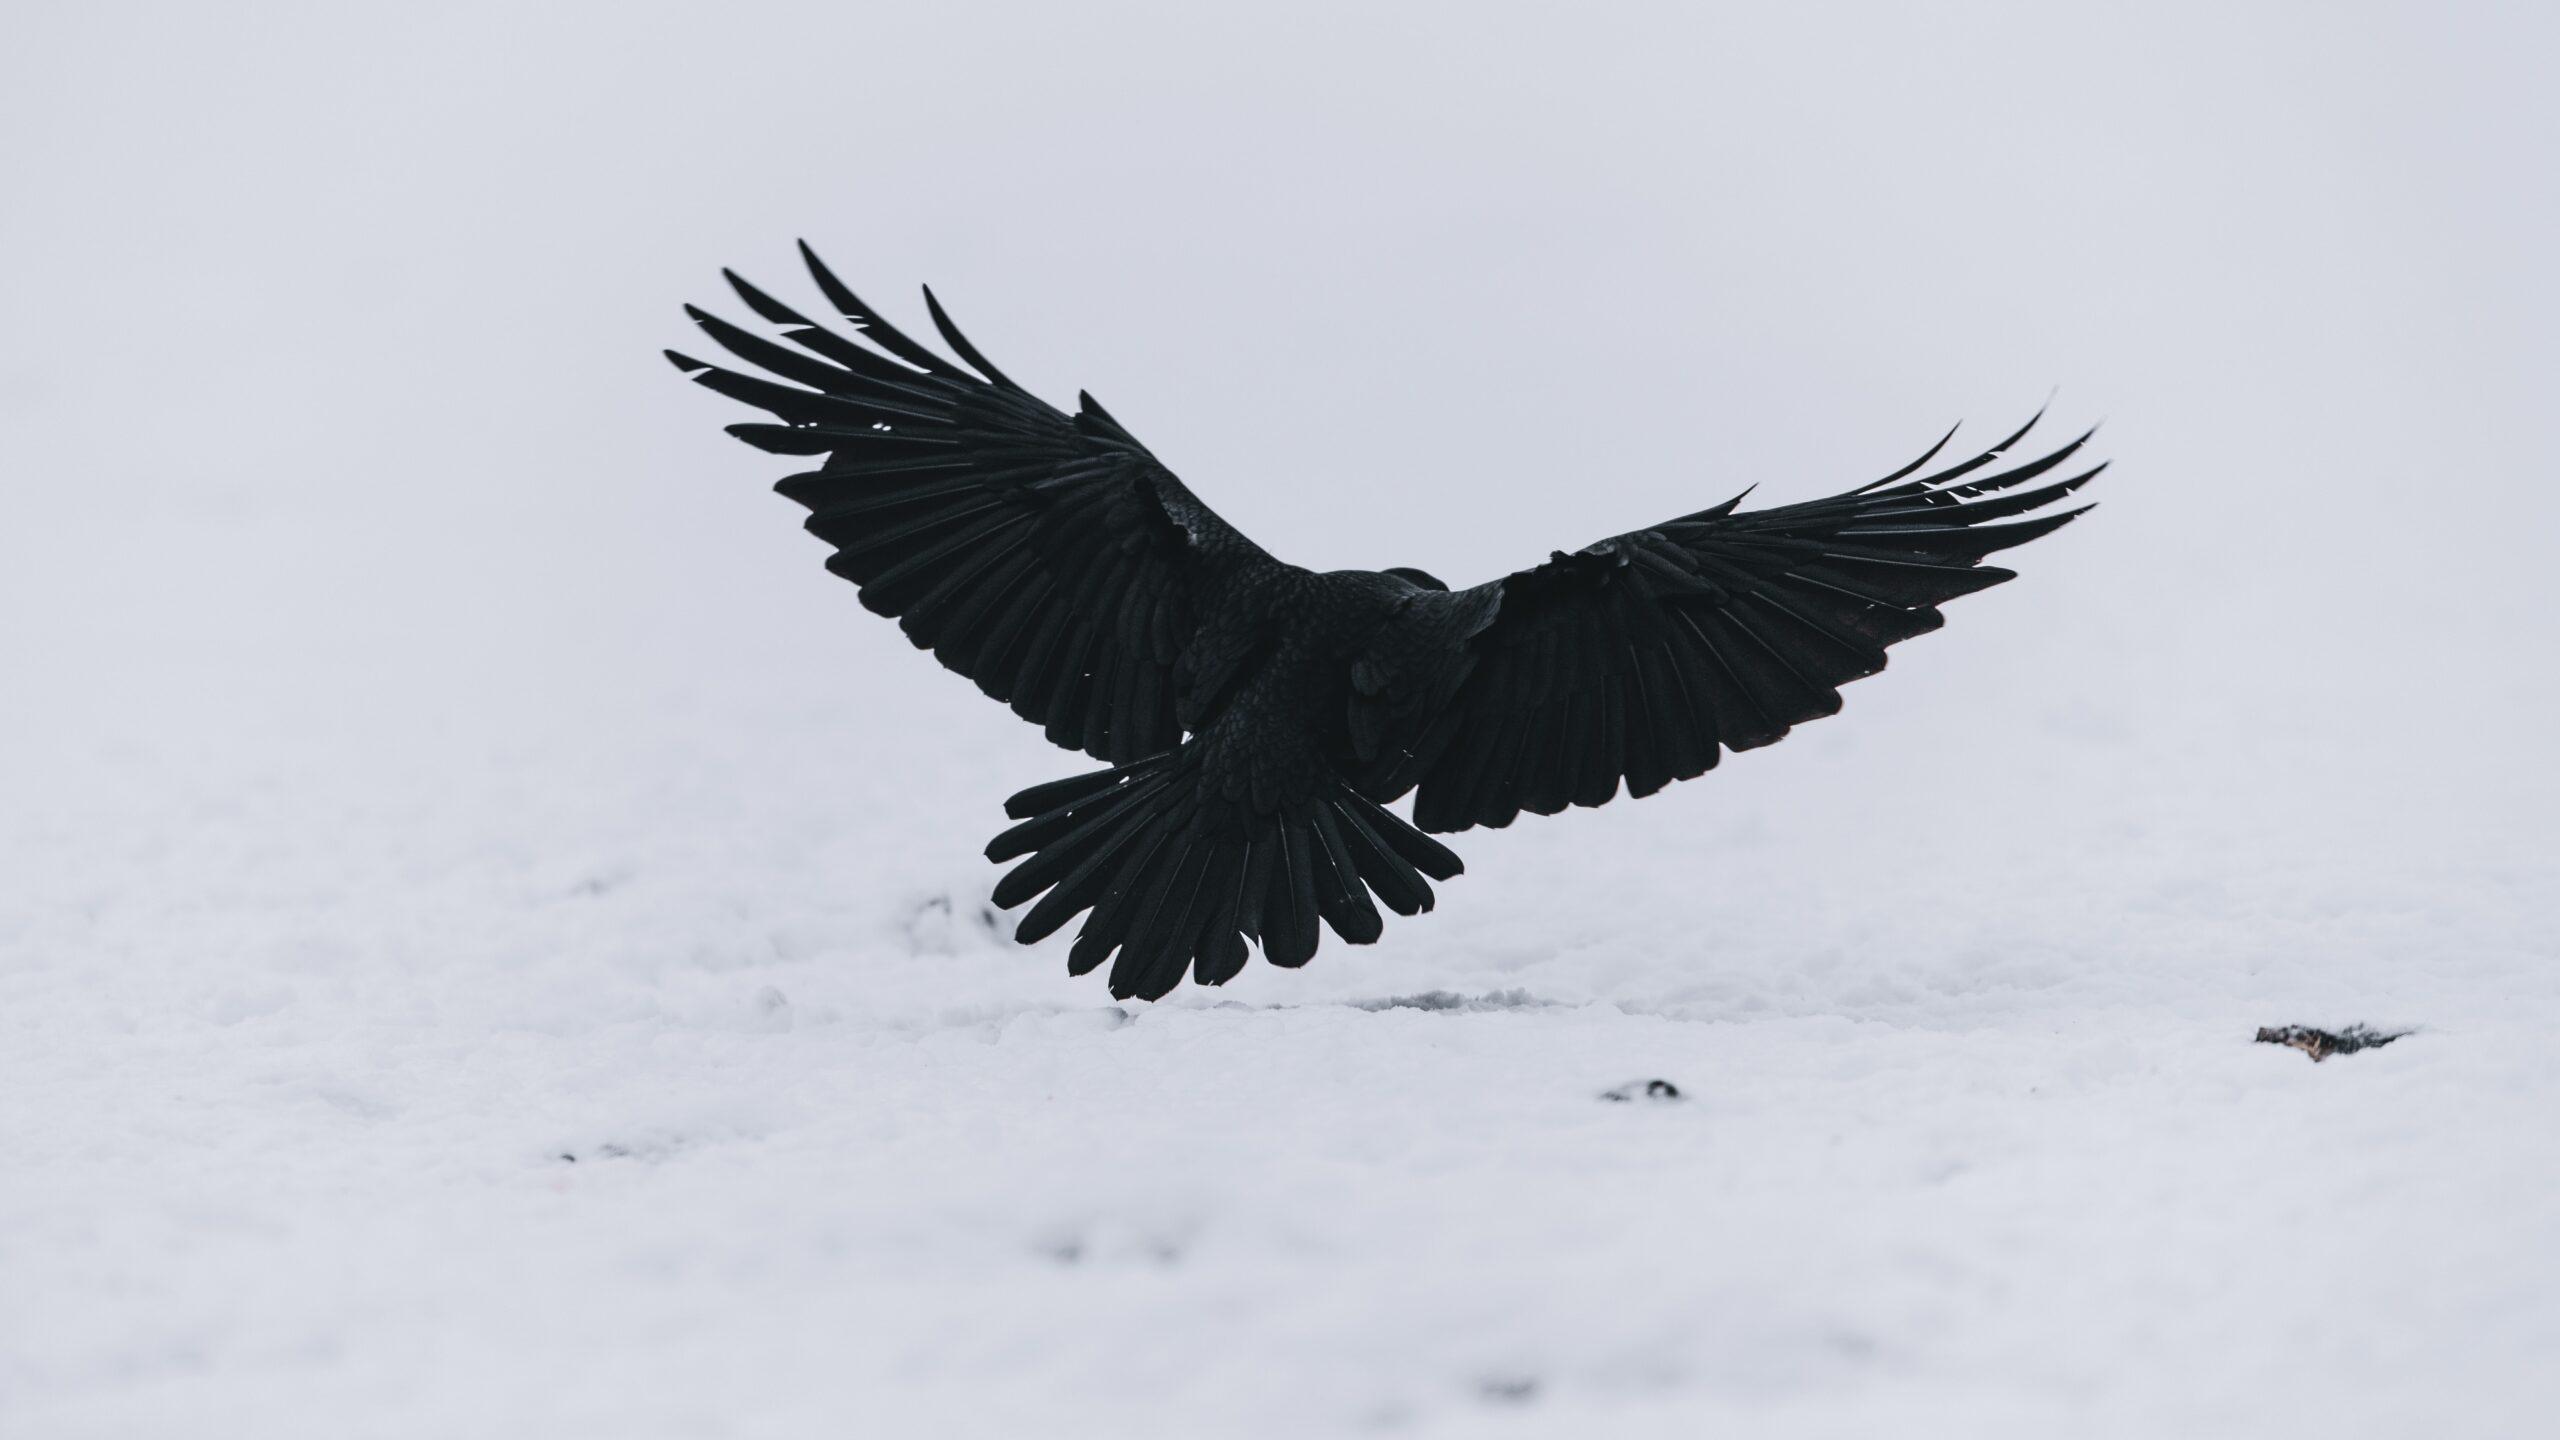 niklas-veenhuis-Black Crow in flight wings extended-unsplash